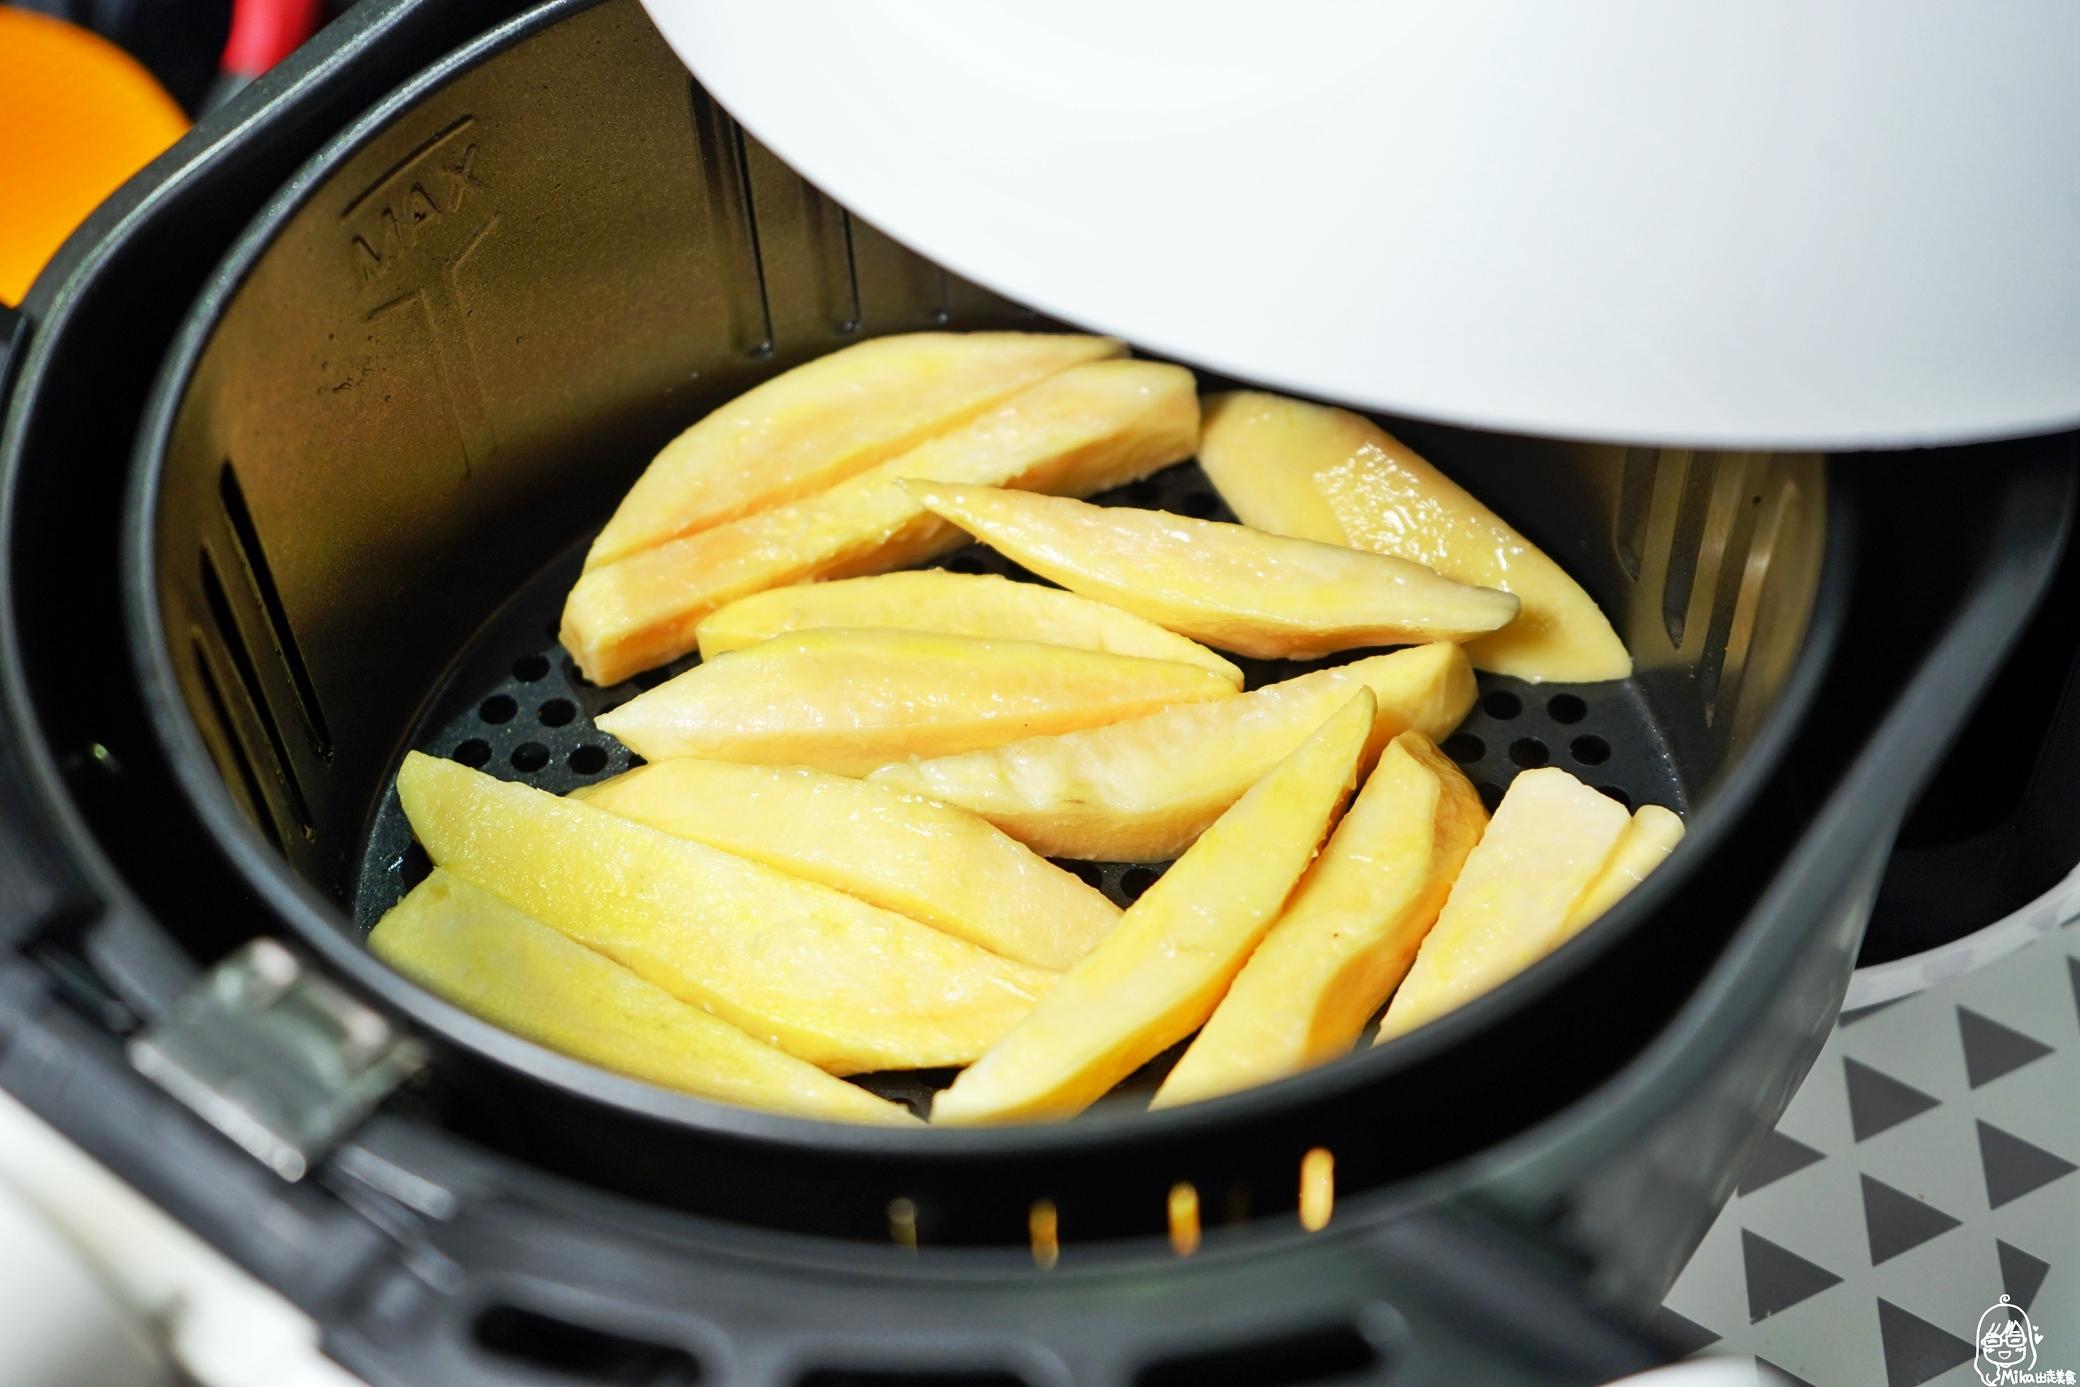 『懶人。料理』 氣炸甘梅地瓜|芷要上菜 氣炸鍋出好料  看似簡單的地瓜條,只要稍微用點小訣竅 美味會更加分 保證零失敗超簡單料理。